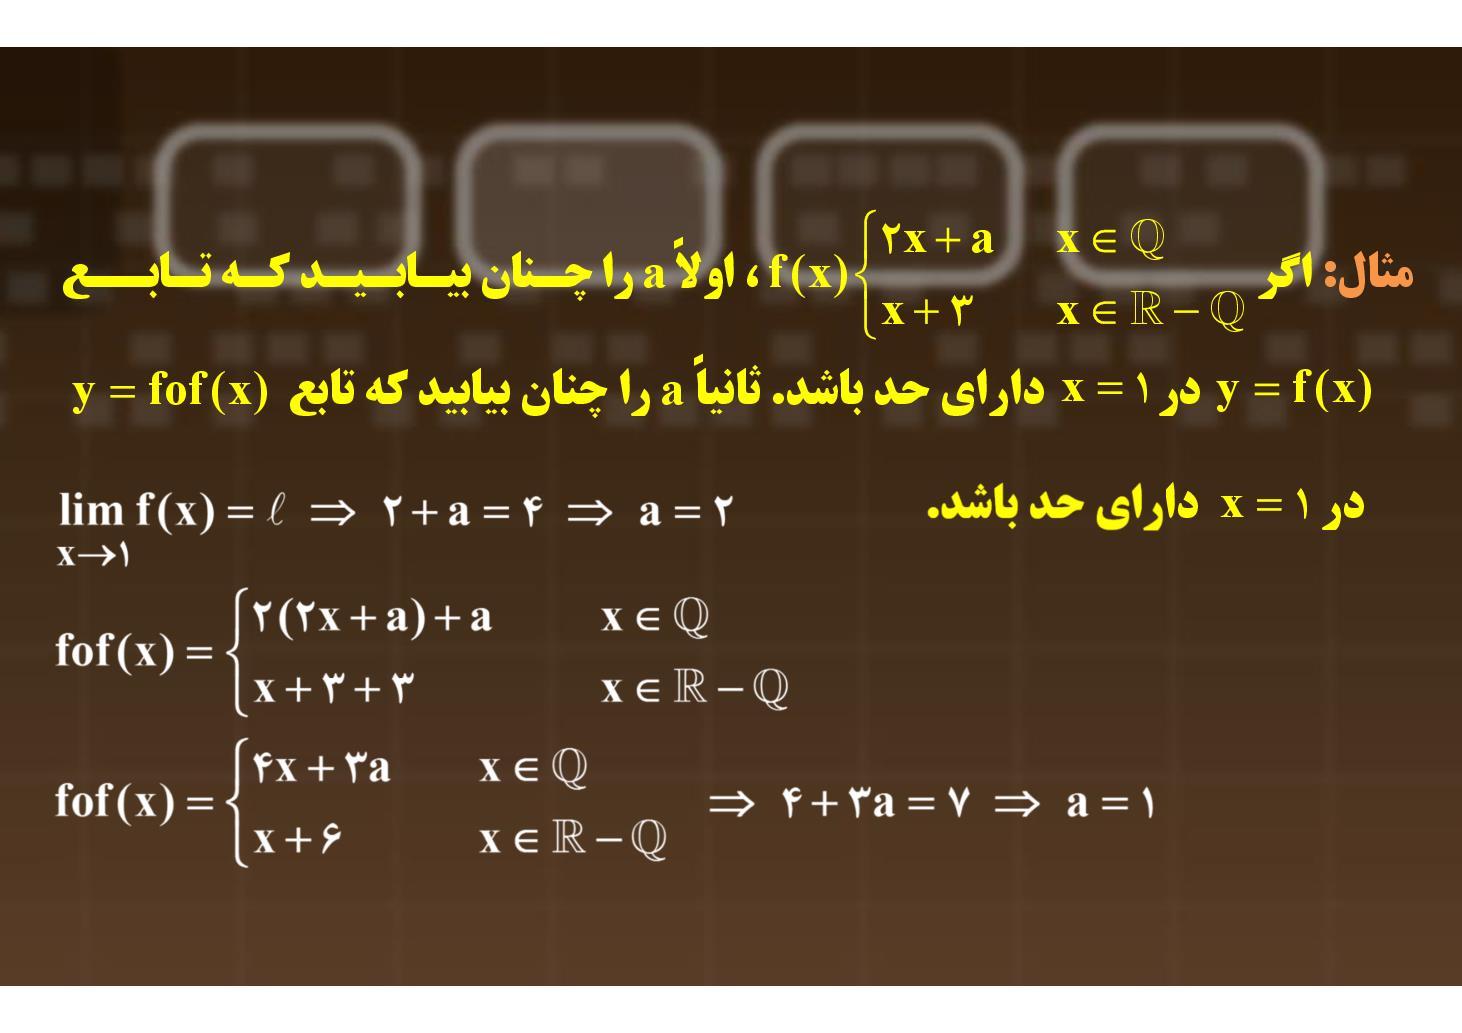 حسابان- فصل ۴- پیوستگی توابع- بخش ۶ (PDF)